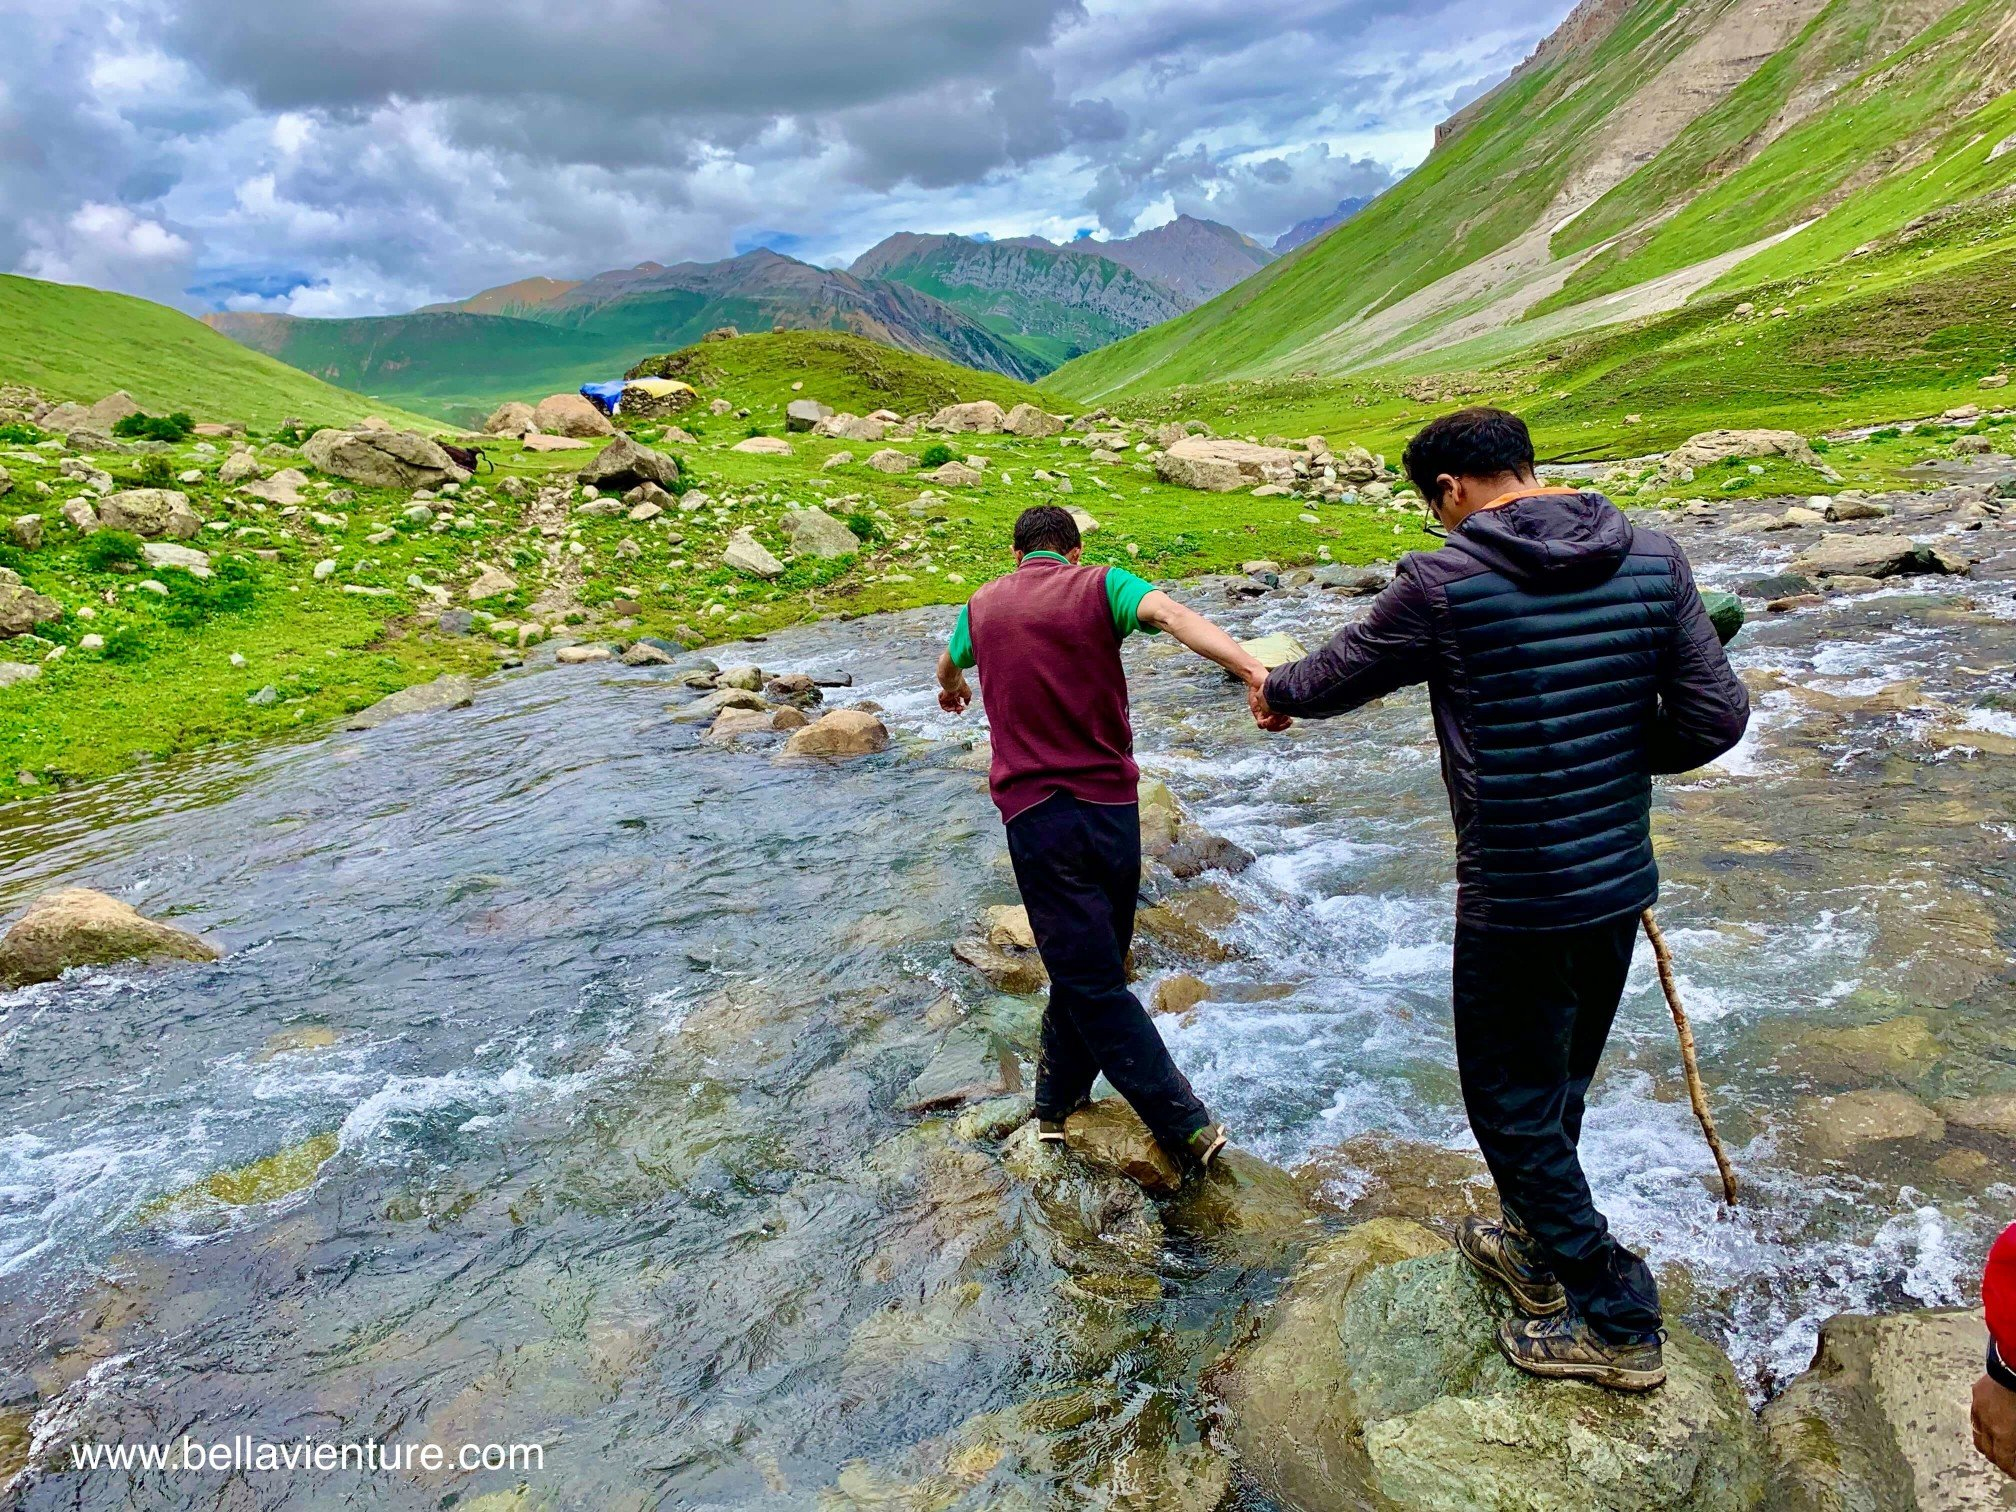 印度 India 北北印 North India 喀什米爾  Kashmir 八天七夜 健行 渡河 導遊